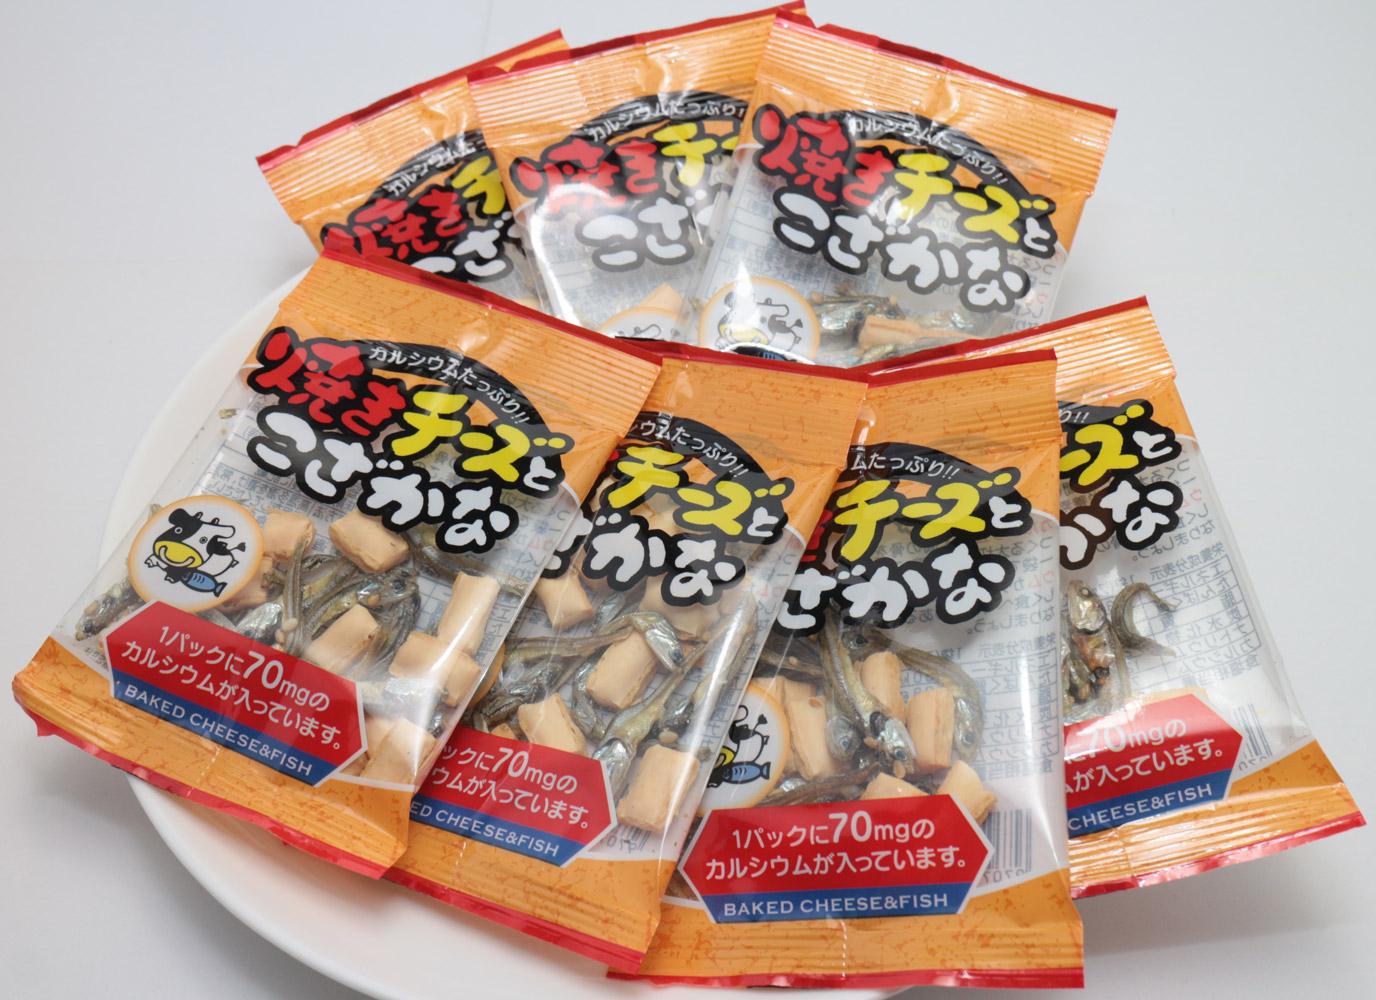 扇屋食品 焼きチーズとこざかな  7g×20P×20袋   【個包装 小魚 おつまみ 珍味 国産 国内産 ケース販売】